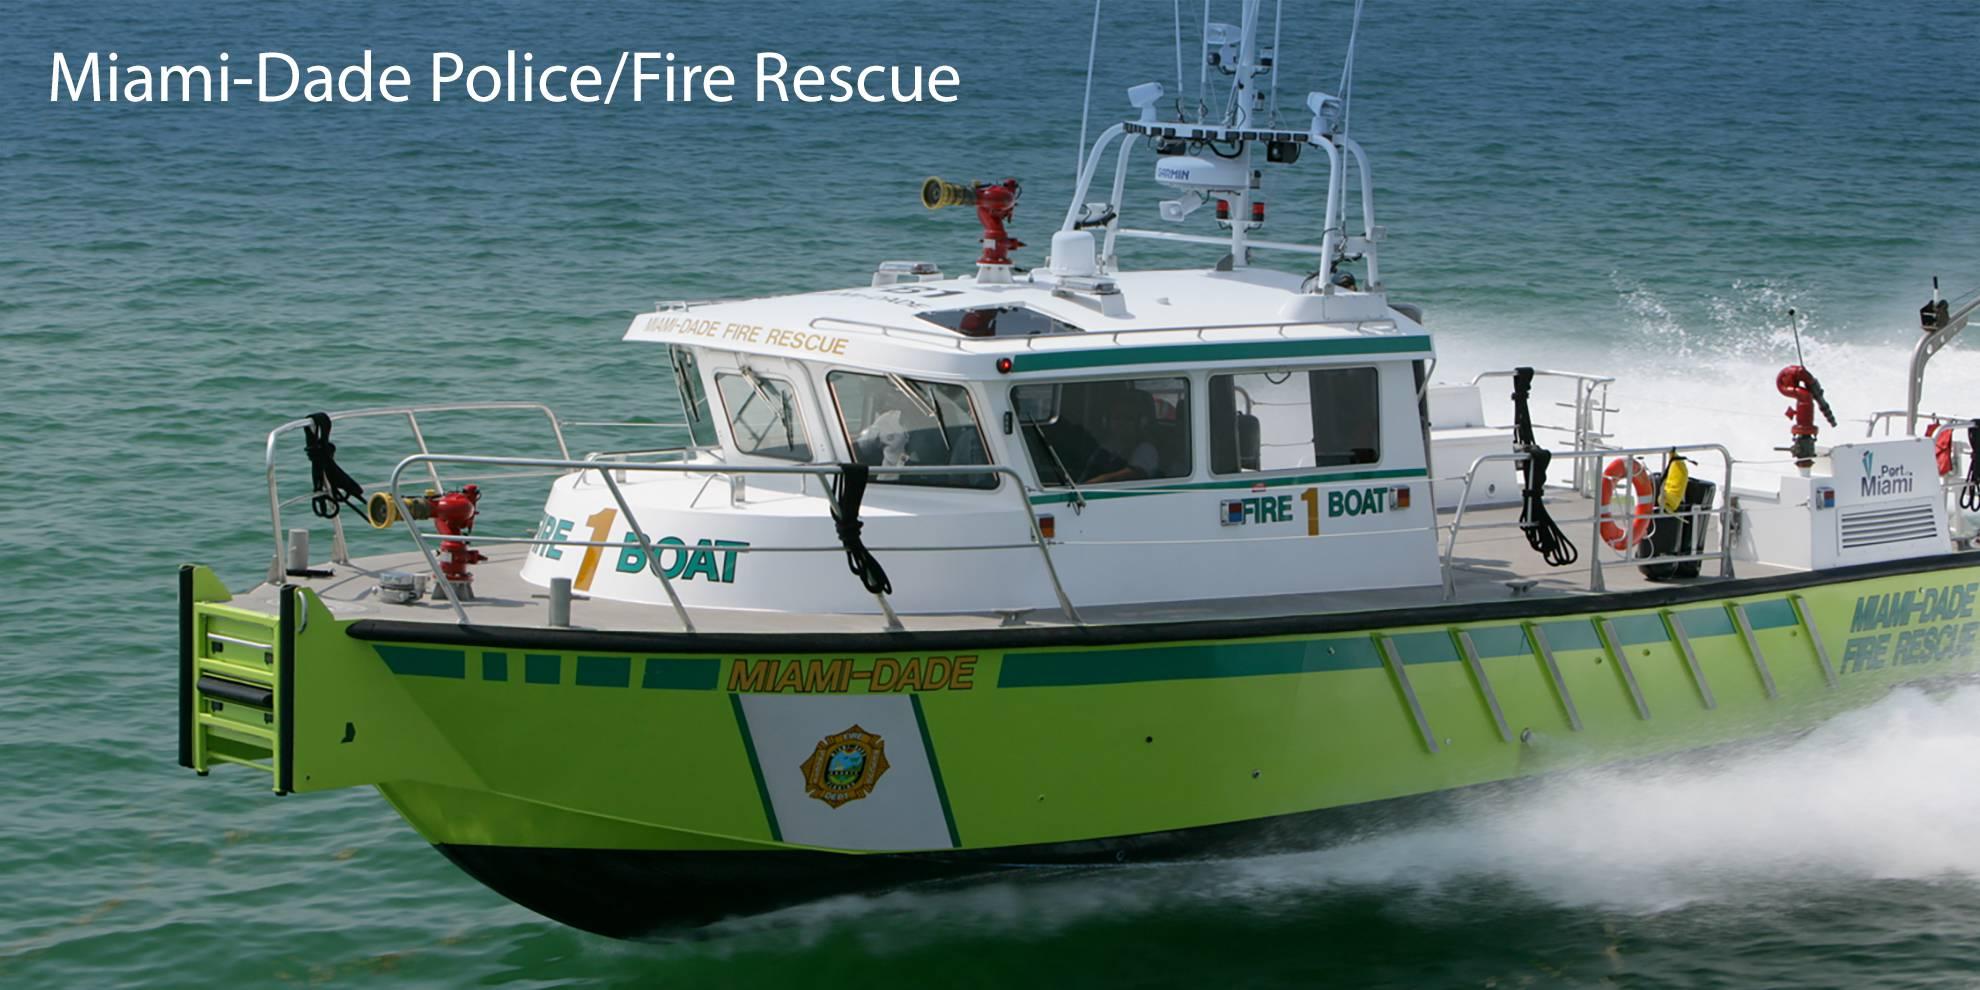 miami dade police fire rescue miami air sea show 2017